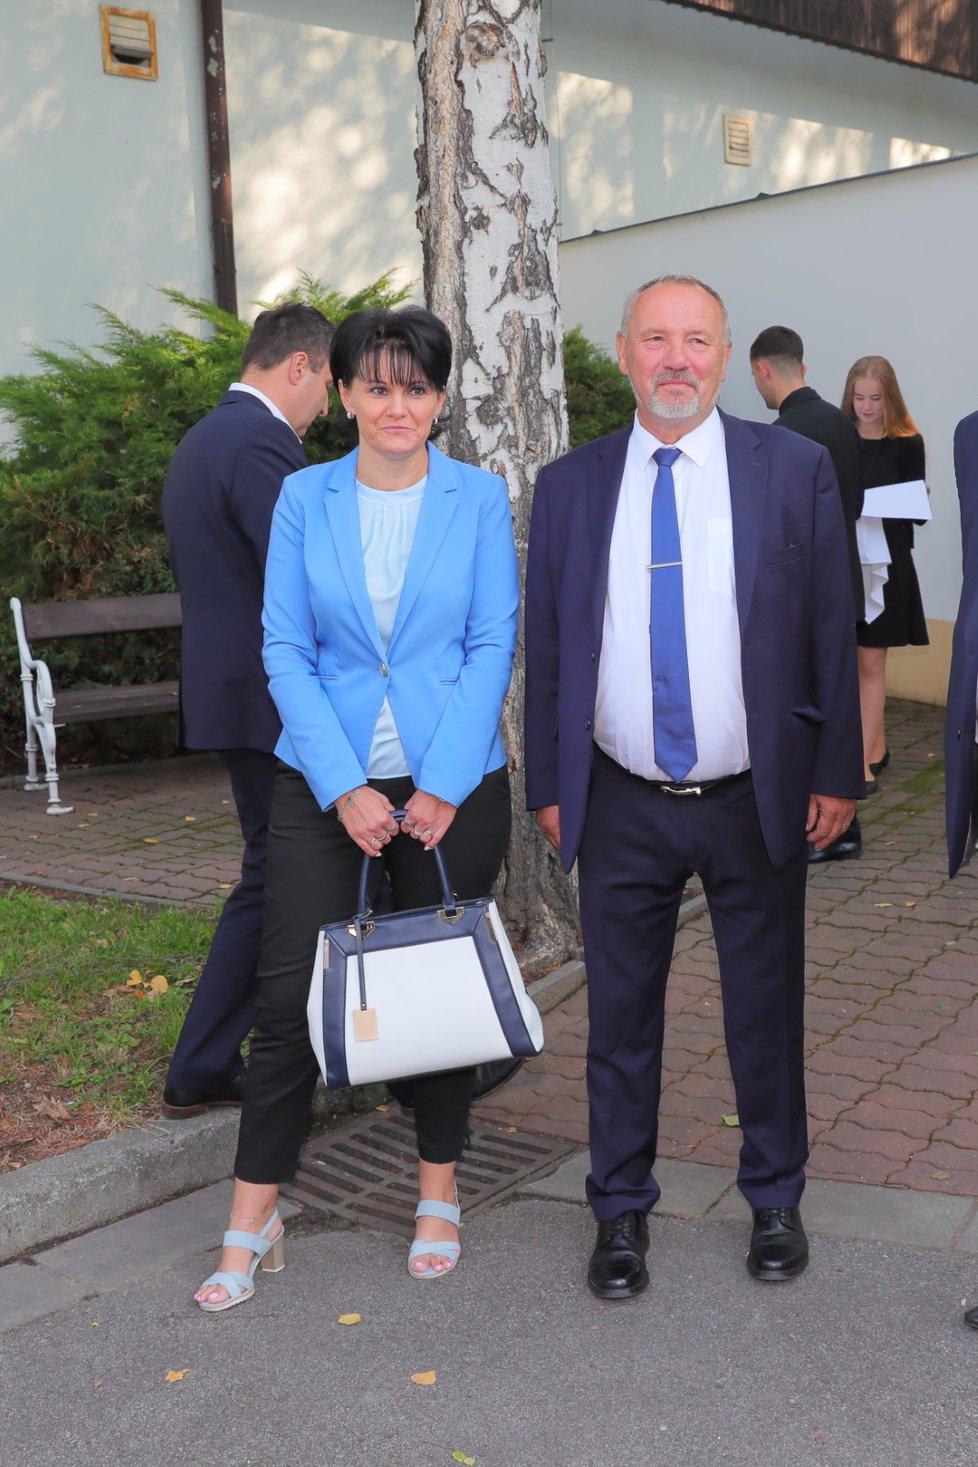 Předseda poslanců KSČM Pavel Kováčik a jeho policistka (22. 8. 2019)